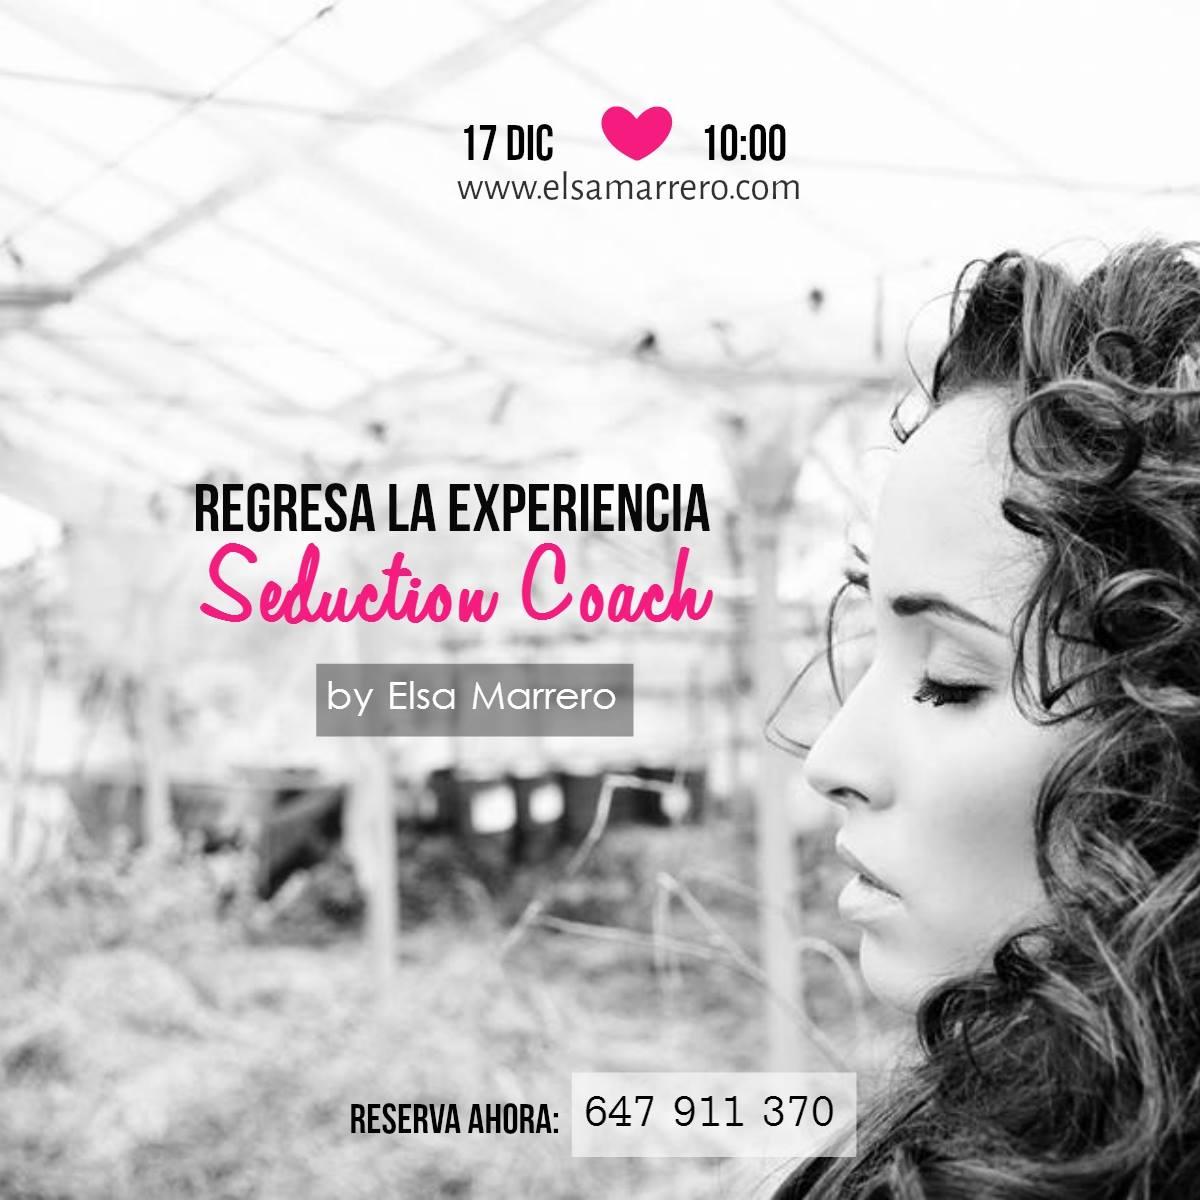 elsa-marrero-seduction-coach